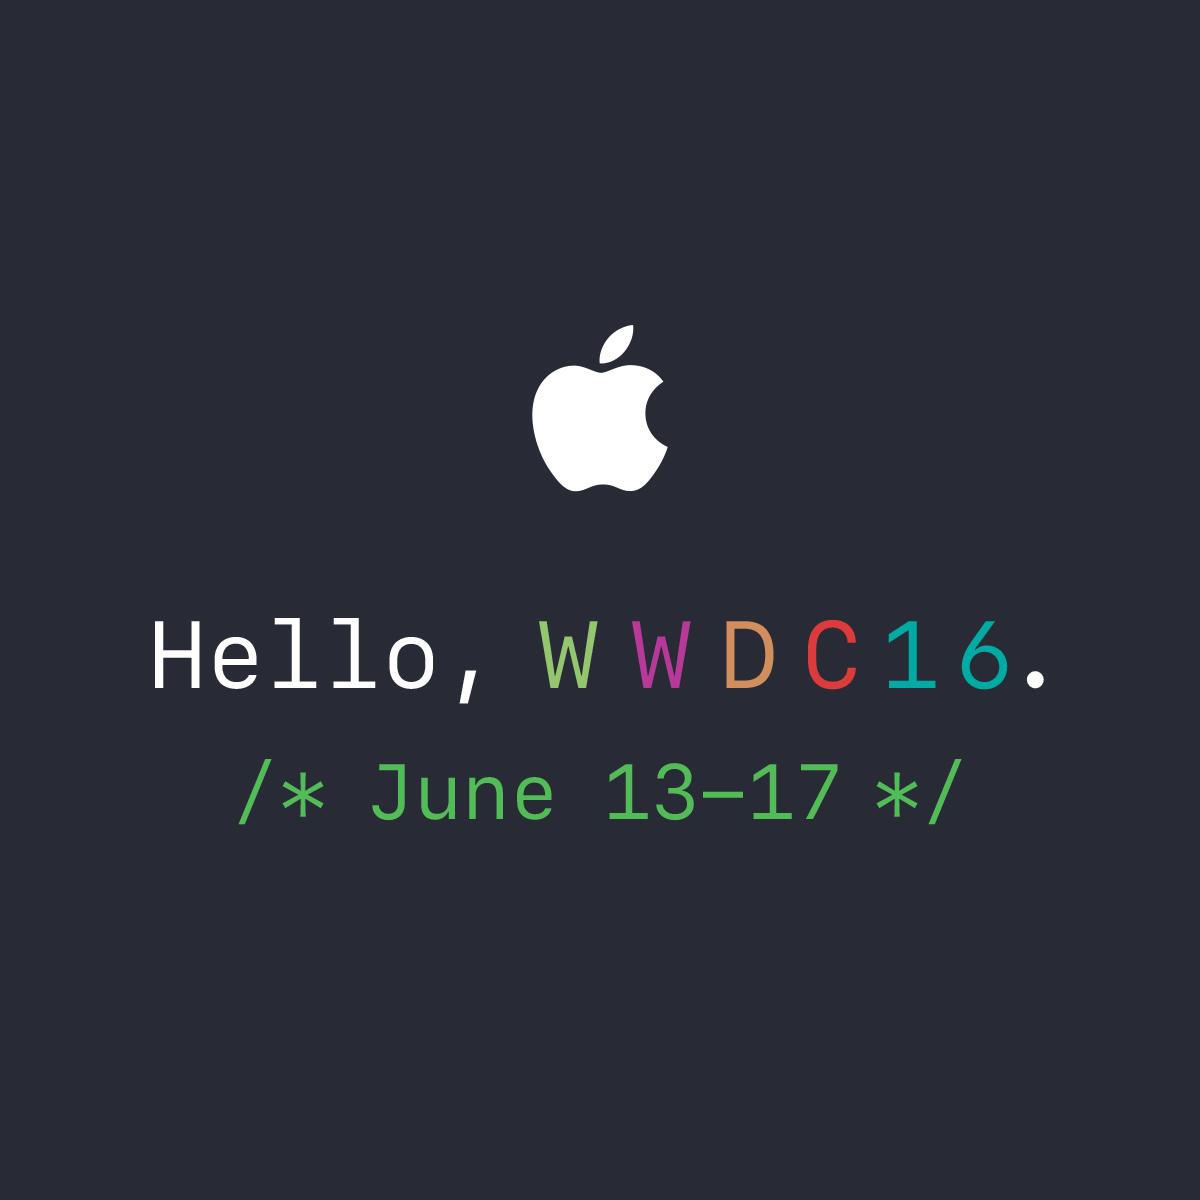 Tout ce qu'il faut retenir de la WWDC 2016